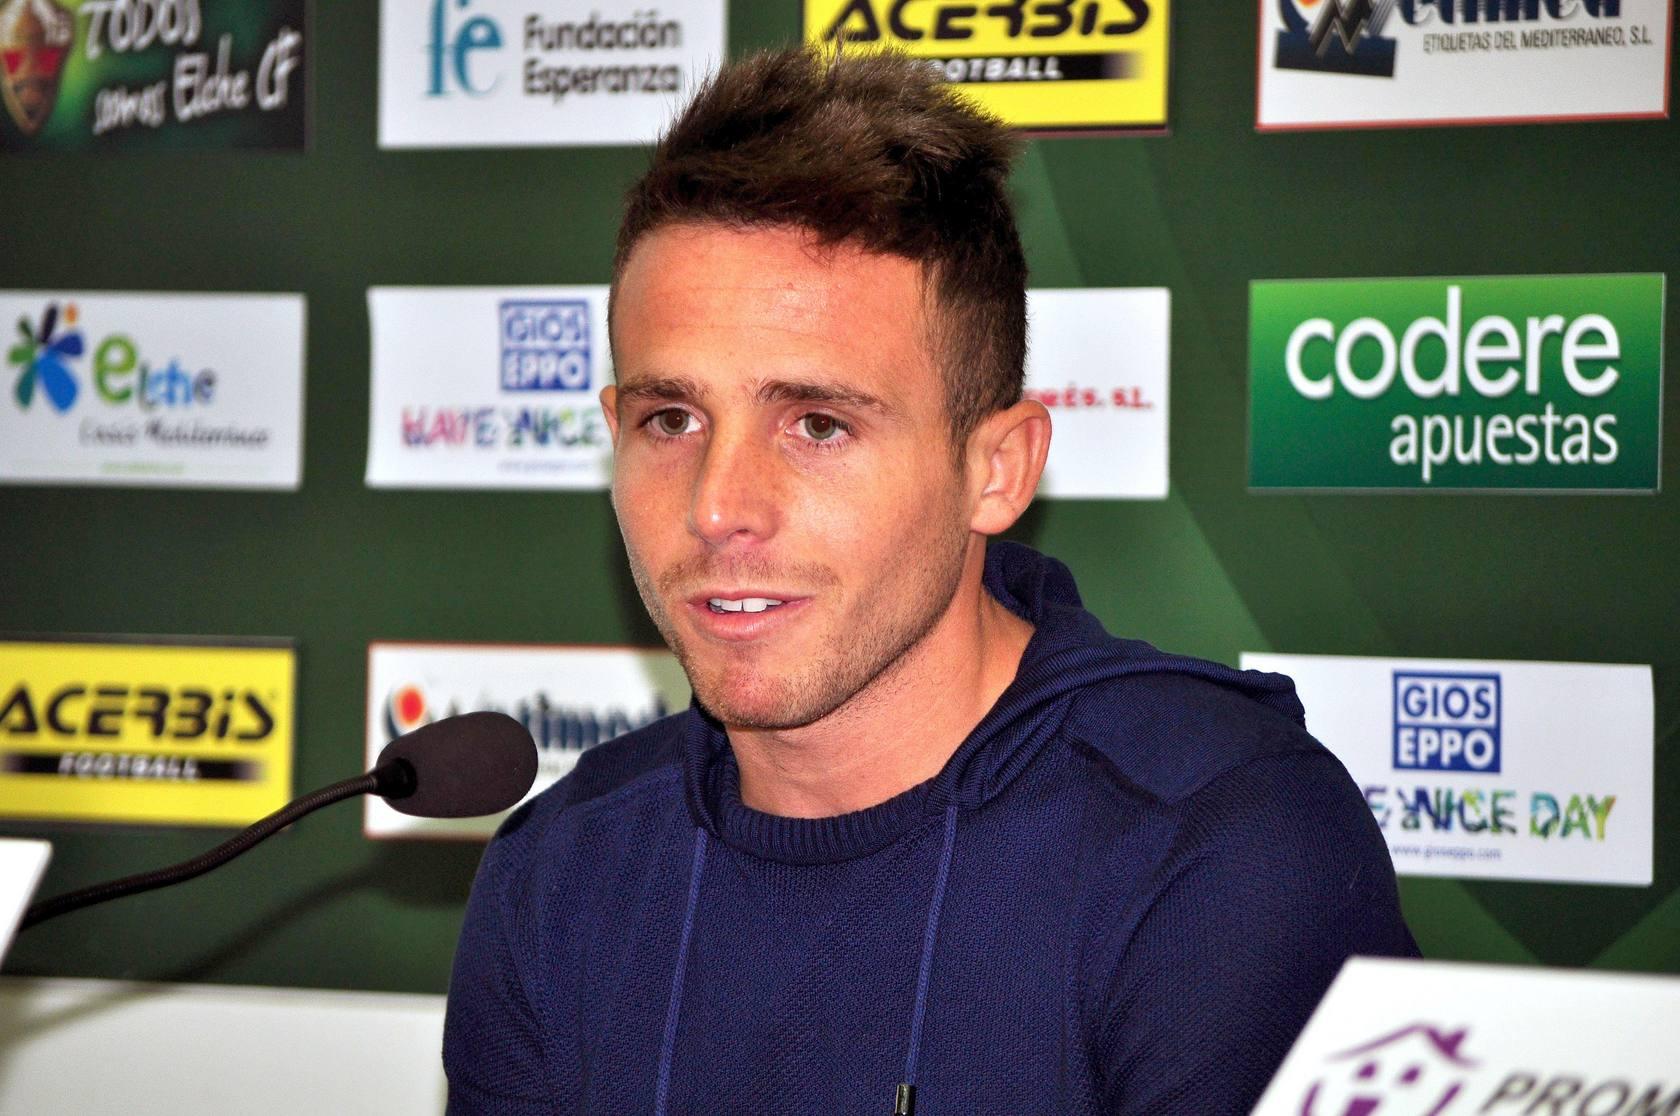 Presentación de Aarón Ñíguez como nuevo jugador del Elche